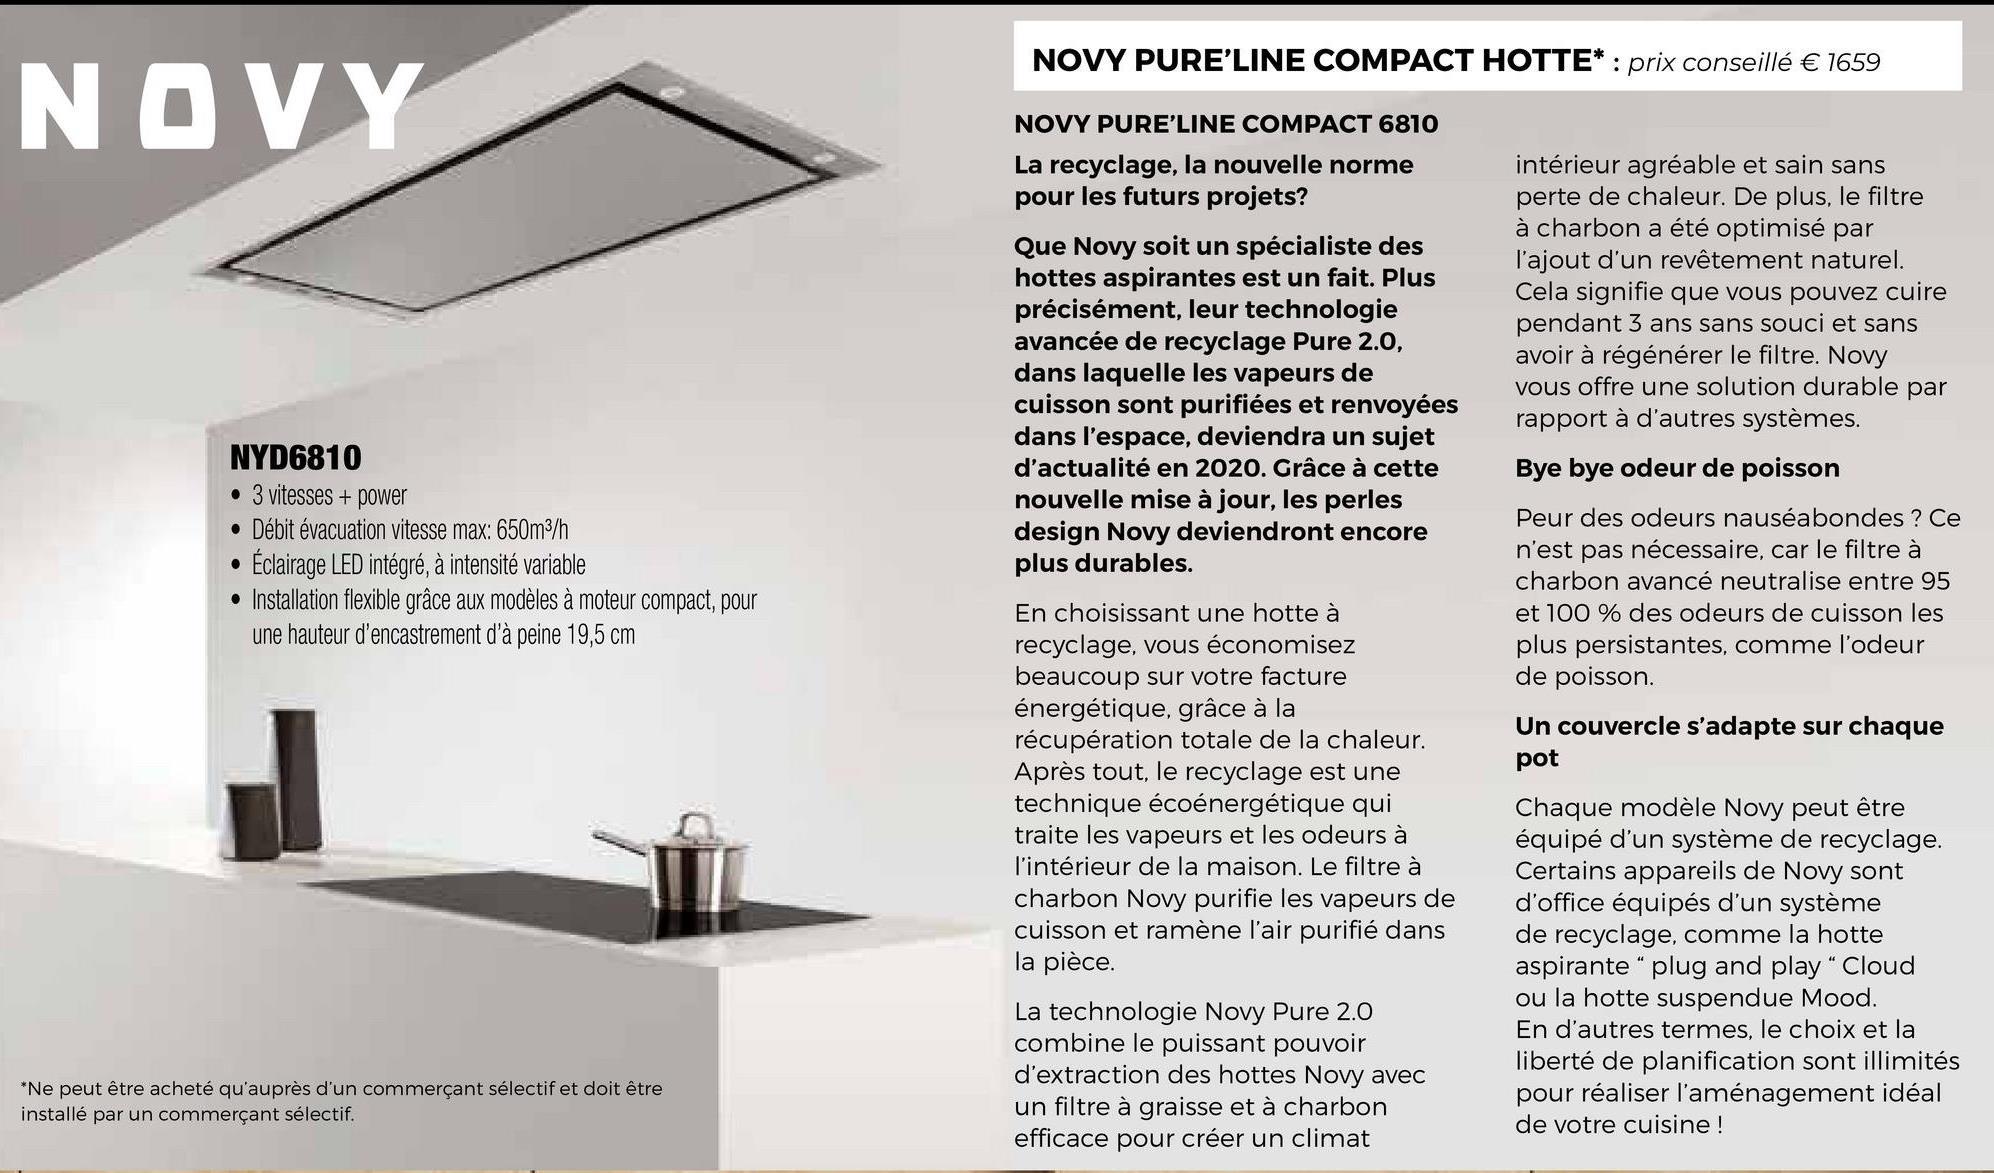 """NOVY PURE'LINE COMPACT HOTTE* : prix conseillé € 1659 NOVY NOVY PURE'LINE COMPACT 6810 La recyclage, la nouvelle norme pour les futurs projets? Que Novy soit un spécialiste des hottes aspirantes est un fait. Plus précisément, leur technologie avancée de recyclage Pure 2.0, dans laquelle les vapeurs de cuisson sont purifiées et renvoyées dans l'espace, deviendra un sujet d'actualité en 2020. Grâce à cette nouvelle mise à jour, les perles design Novy deviendront encore plus durables. intérieur agréable et sain sans perte de chaleur. De plus, le filtre à charbon a été optimisé par l'ajout d'un revêtement naturel. Cela signifie que vous pouvez cuire pendant 3 ans sans souci et sans avoir à régénérer le filtre. Novy vous offre une solution durable par rapport à d'autres systèmes. Bye bye odeur de poisson NYD6810 • 3 vitesses + power • Débit évacuation vitesse max: 650m3/h • Éclairage LED intégré, à intensité variable • Installation flexible grâce aux modèles à moteur compact, pour une hauteur d'encastrement d'à peine 19,5 cm Peur des odeurs nauséabondes ? Ce n'est pas nécessaire, car le filtre à charbon avancé neutralise entre 95 et 100 % des odeurs de cuisson les plus persistantes, comme l'odeur de poisson. Un couvercle s'adapte sur chaque pot En choisissant une hotte à recyclage, vous économisez beaucoup sur votre facture énergétique, grâce à la récupération totale de la chaleur. Après tout, le recyclage est une technique écoénergétique qui traite les vapeurs et les odeurs à l'intérieur de la maison. Le filtre à charbon Novy purifie les vapeurs de cuisson et ramène l'air purifié dans la pièce. Chaque modèle Novy peut être équipé d'un système de recyclage. Certains appareils de Novy sont d'office équipés d'un système de recyclage, comme la hotte aspirante"""" plug and play"""" Cloud ou la hotte suspendue Mood. En d'autres termes, le choix et la liberté de planification sont illimités pour réaliser l'aménagement idéal de votre cuisine ! La technologie Novy Pure 2.0 combine le """